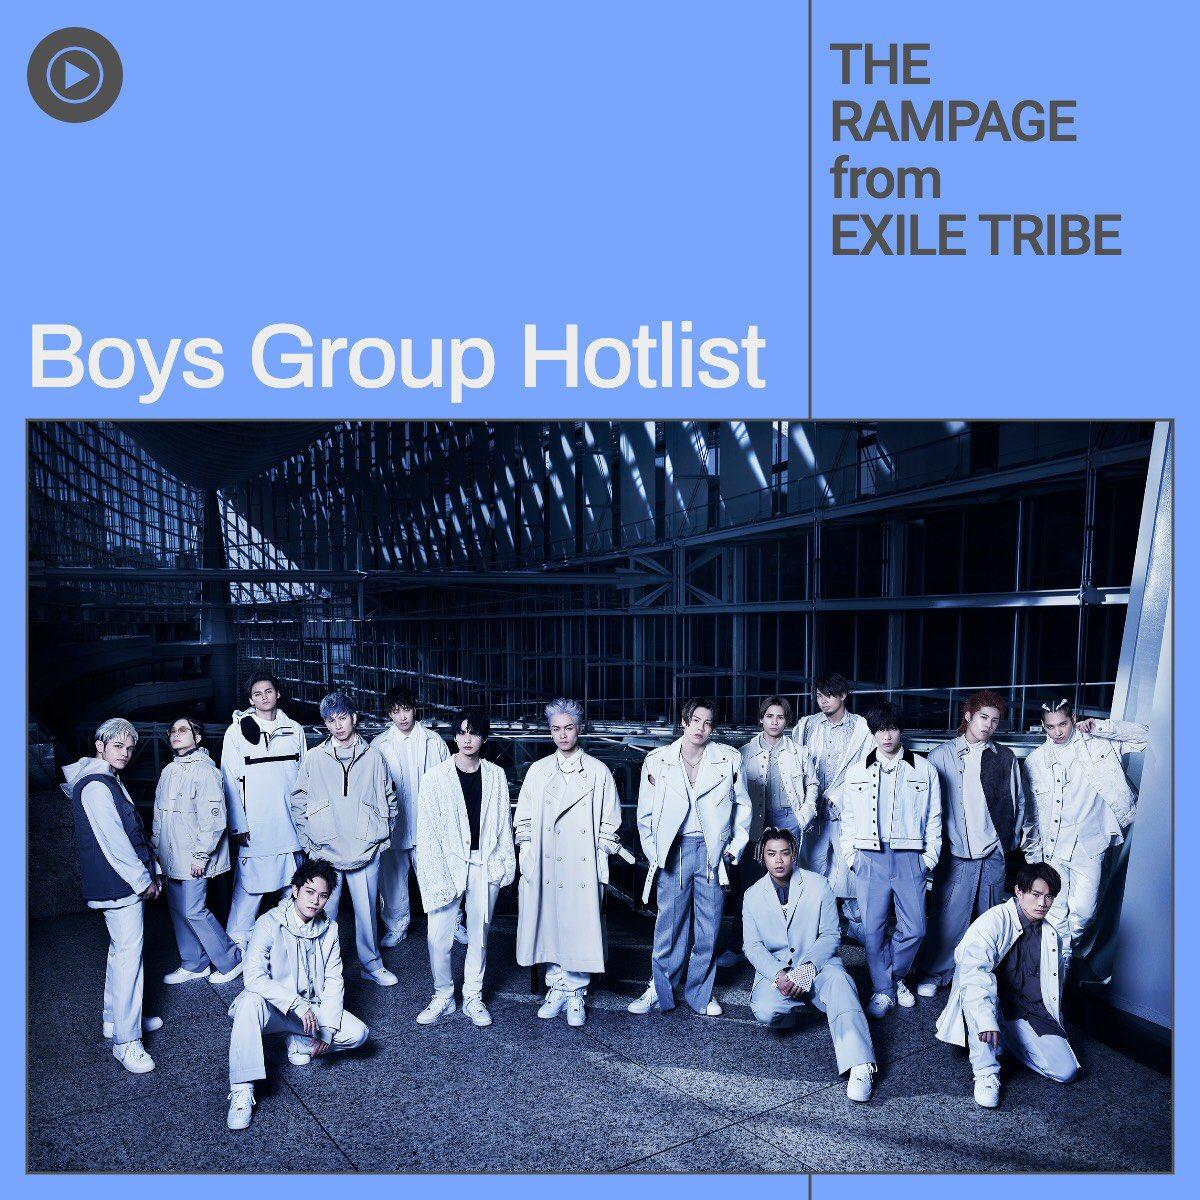 アルバムリード曲「SILVER RAIN」配信中‼️#YouTubeMusic のプレイリスト「Boys Group Hotlist」では、THE RAMPAGEがカバーに起用されていますので、是非チェックしてみてください✨